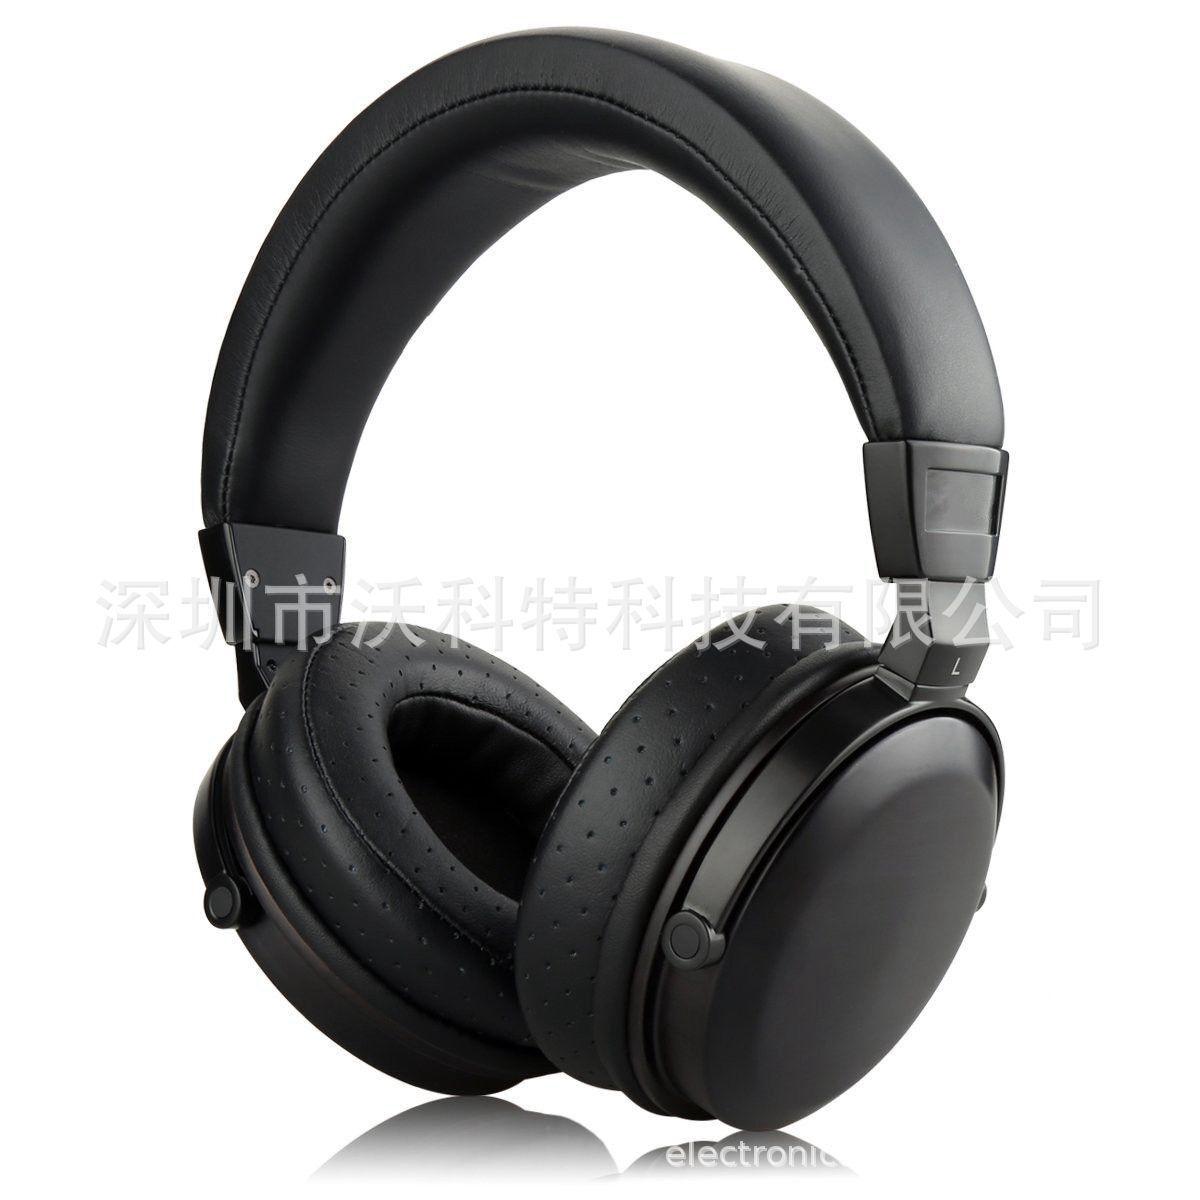 厂家批发高档奢华木质耳机 头戴式木耳机 电竞游戏有线无蓝牙监听